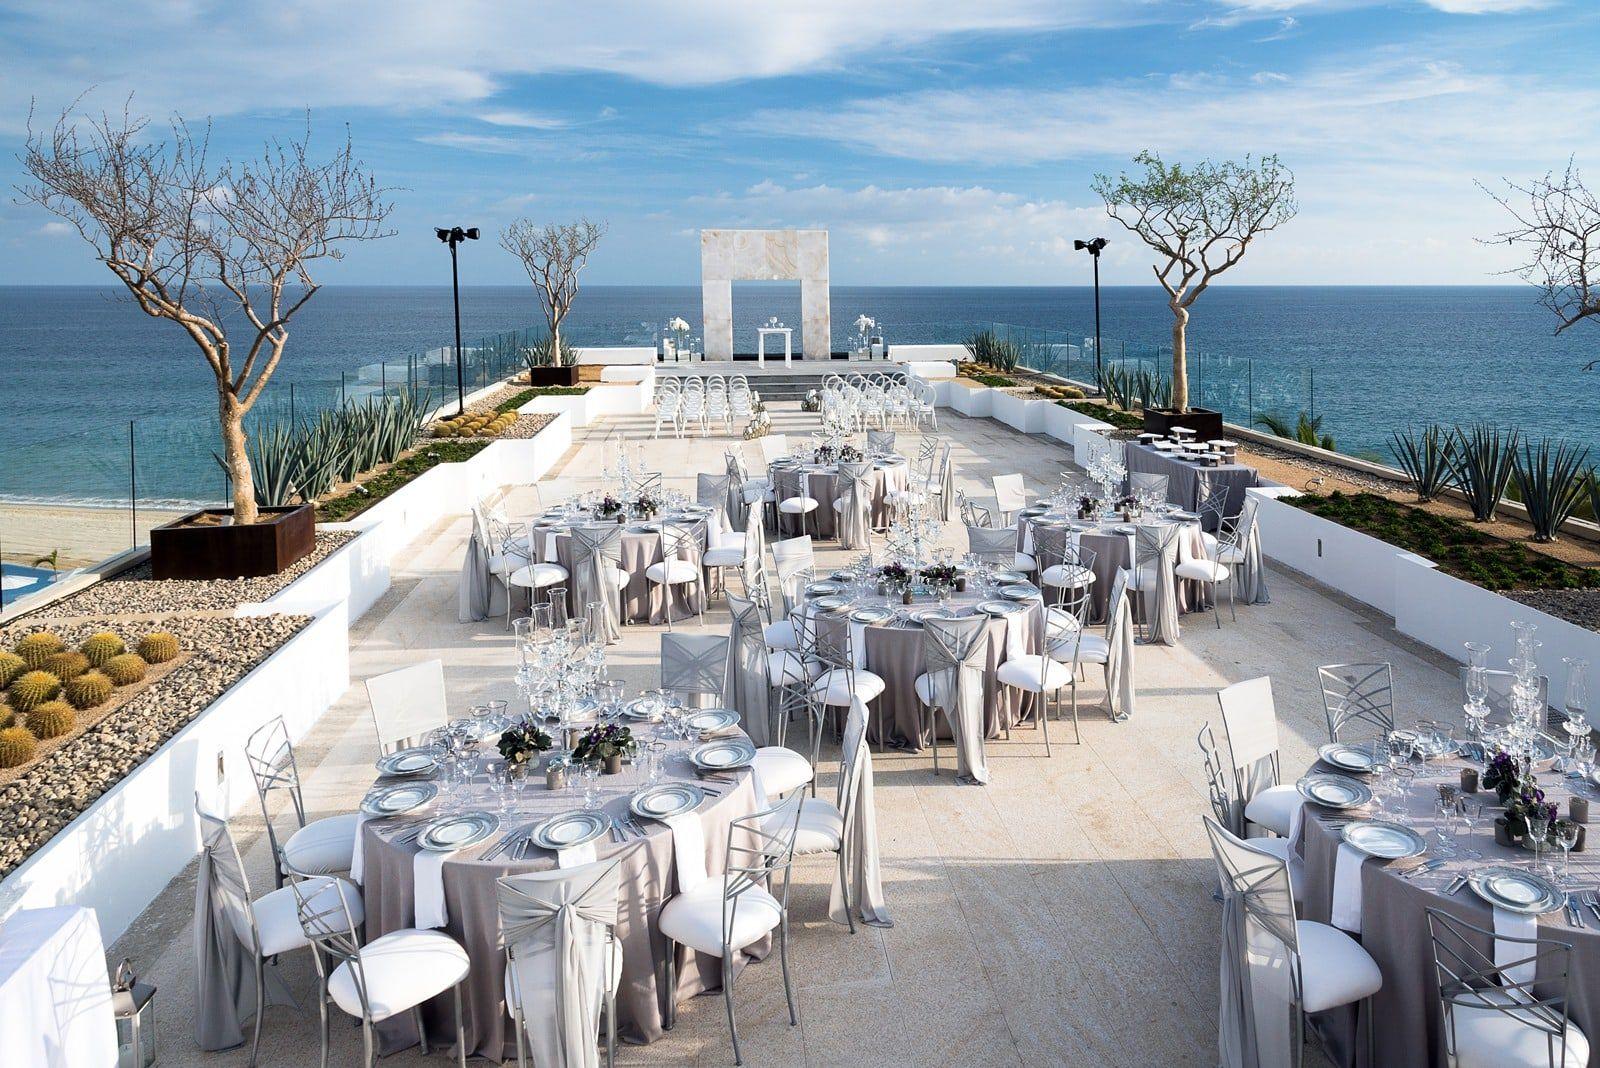 Photo of Intimate Destination Wedding in Miramar Beach with DIY Details | Destination Wedding Details